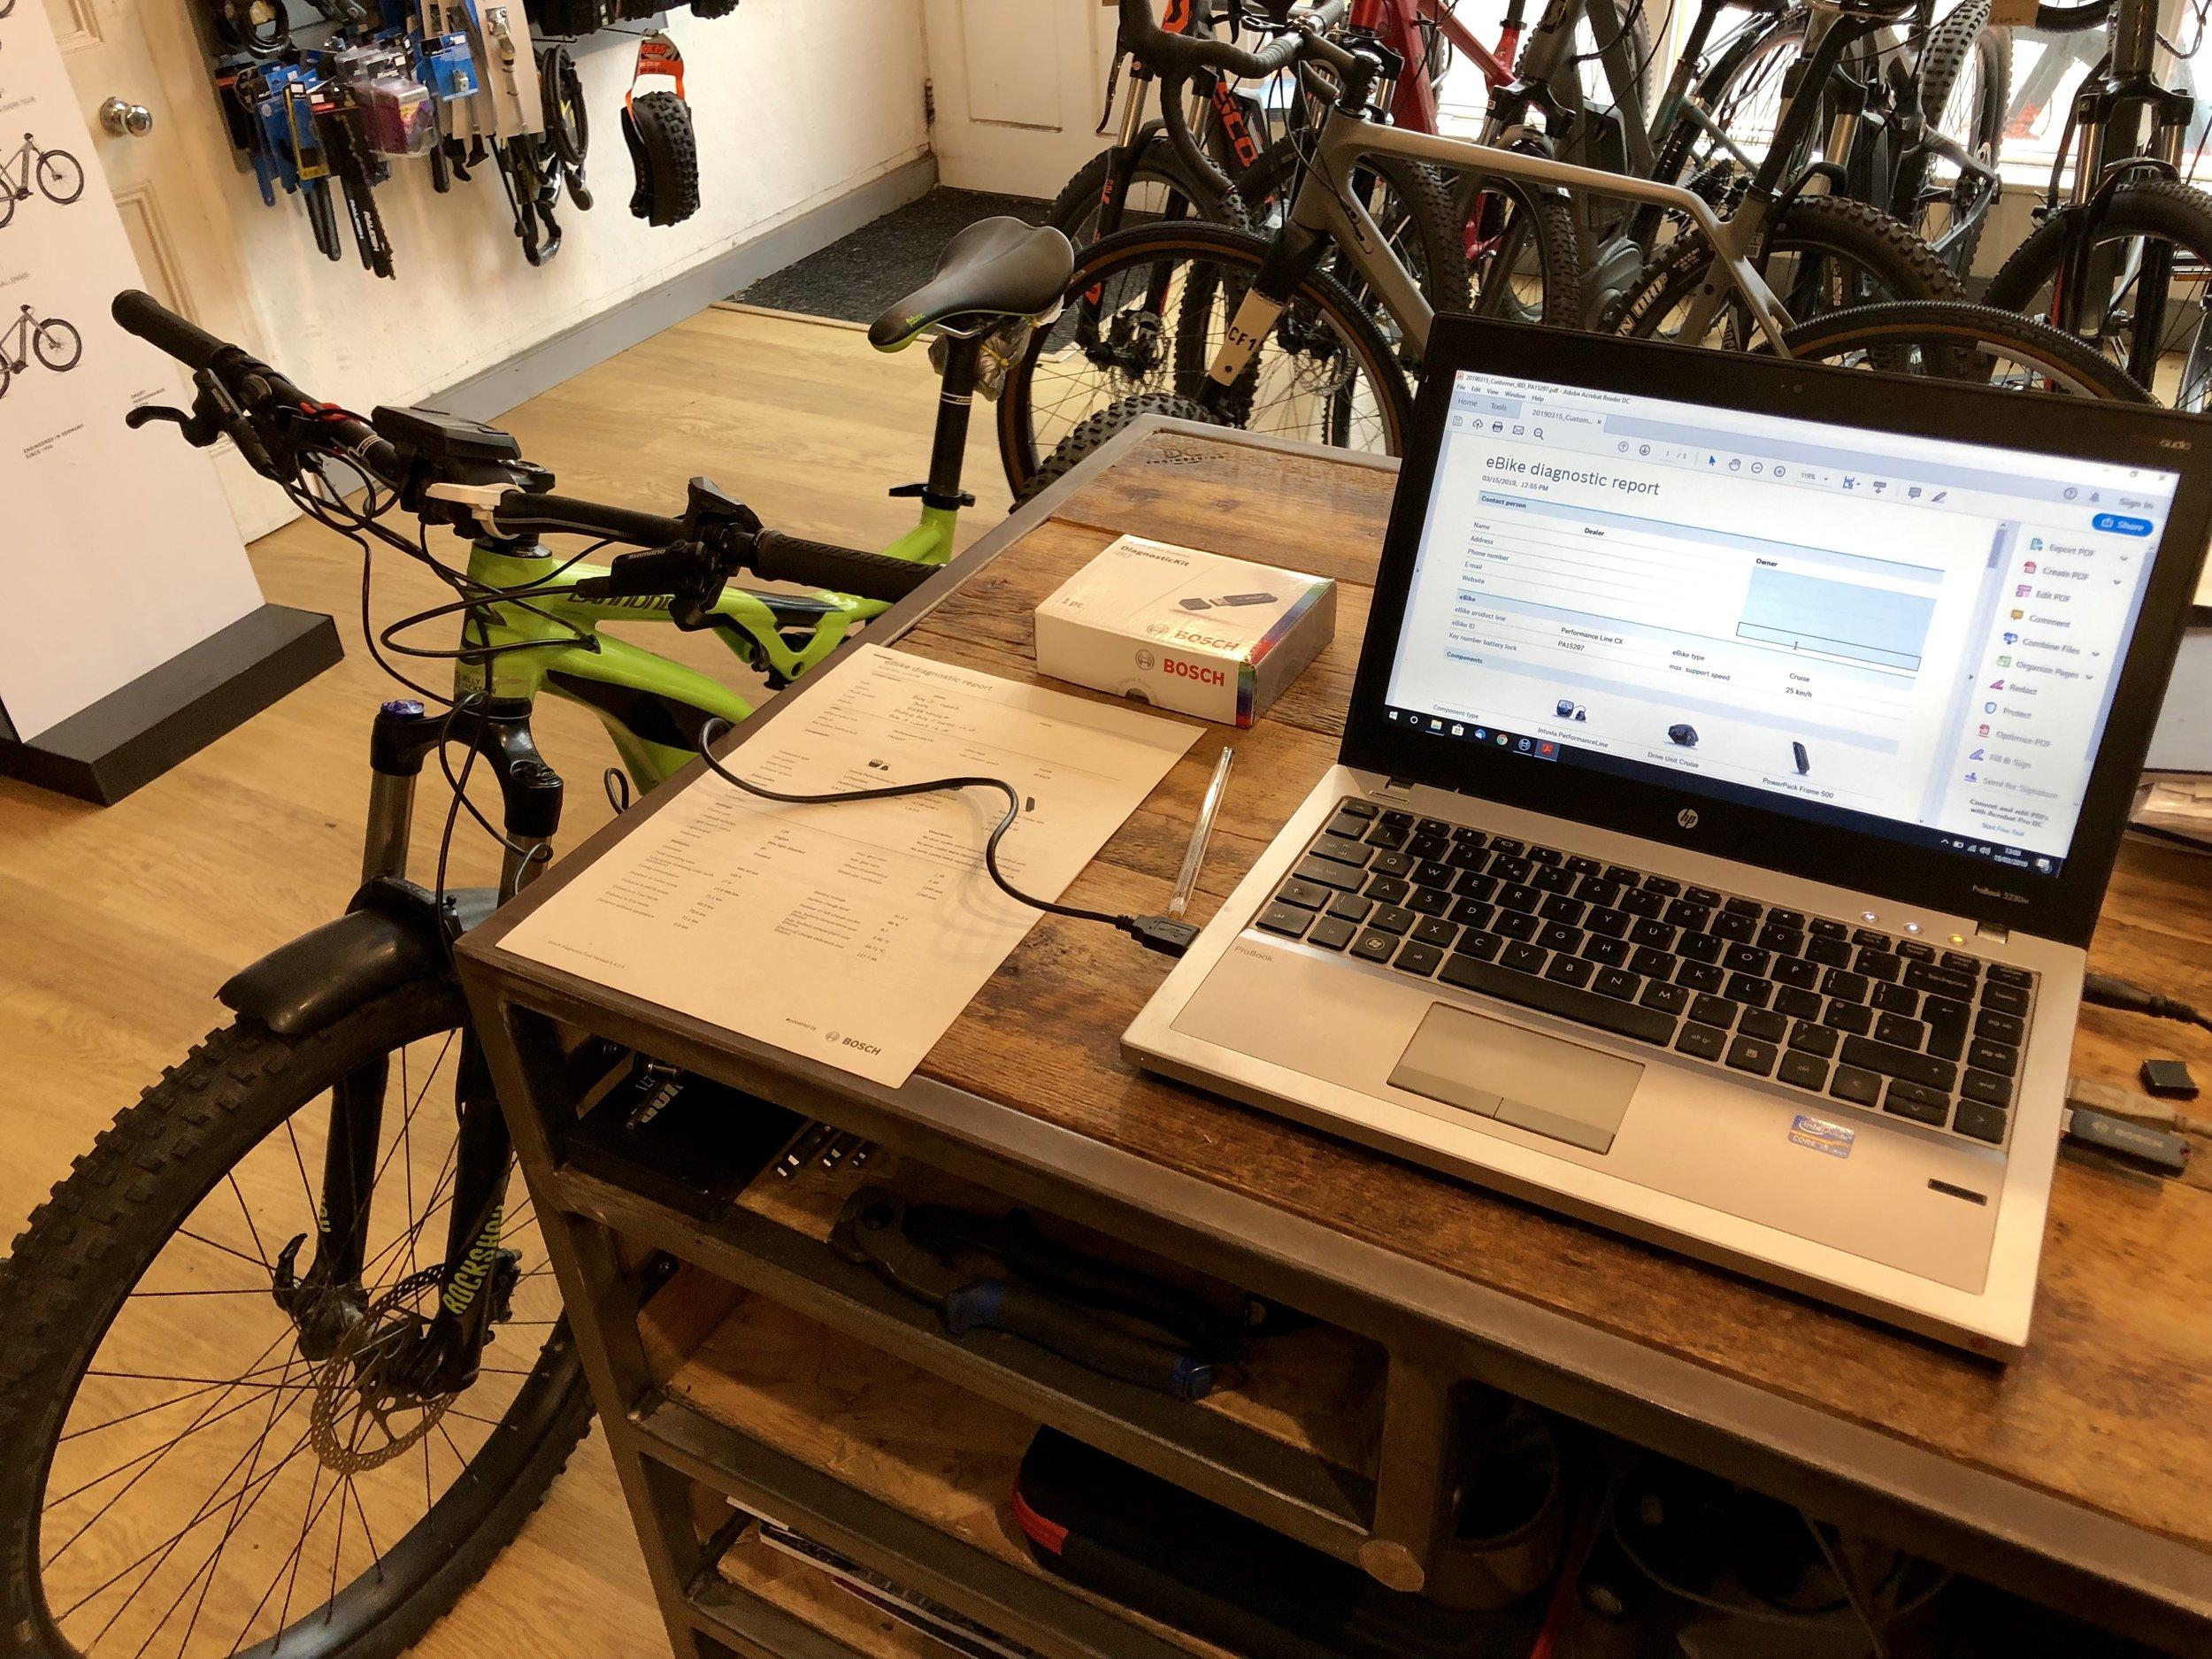 E bike Diagnostics - For Bosch and Shimano